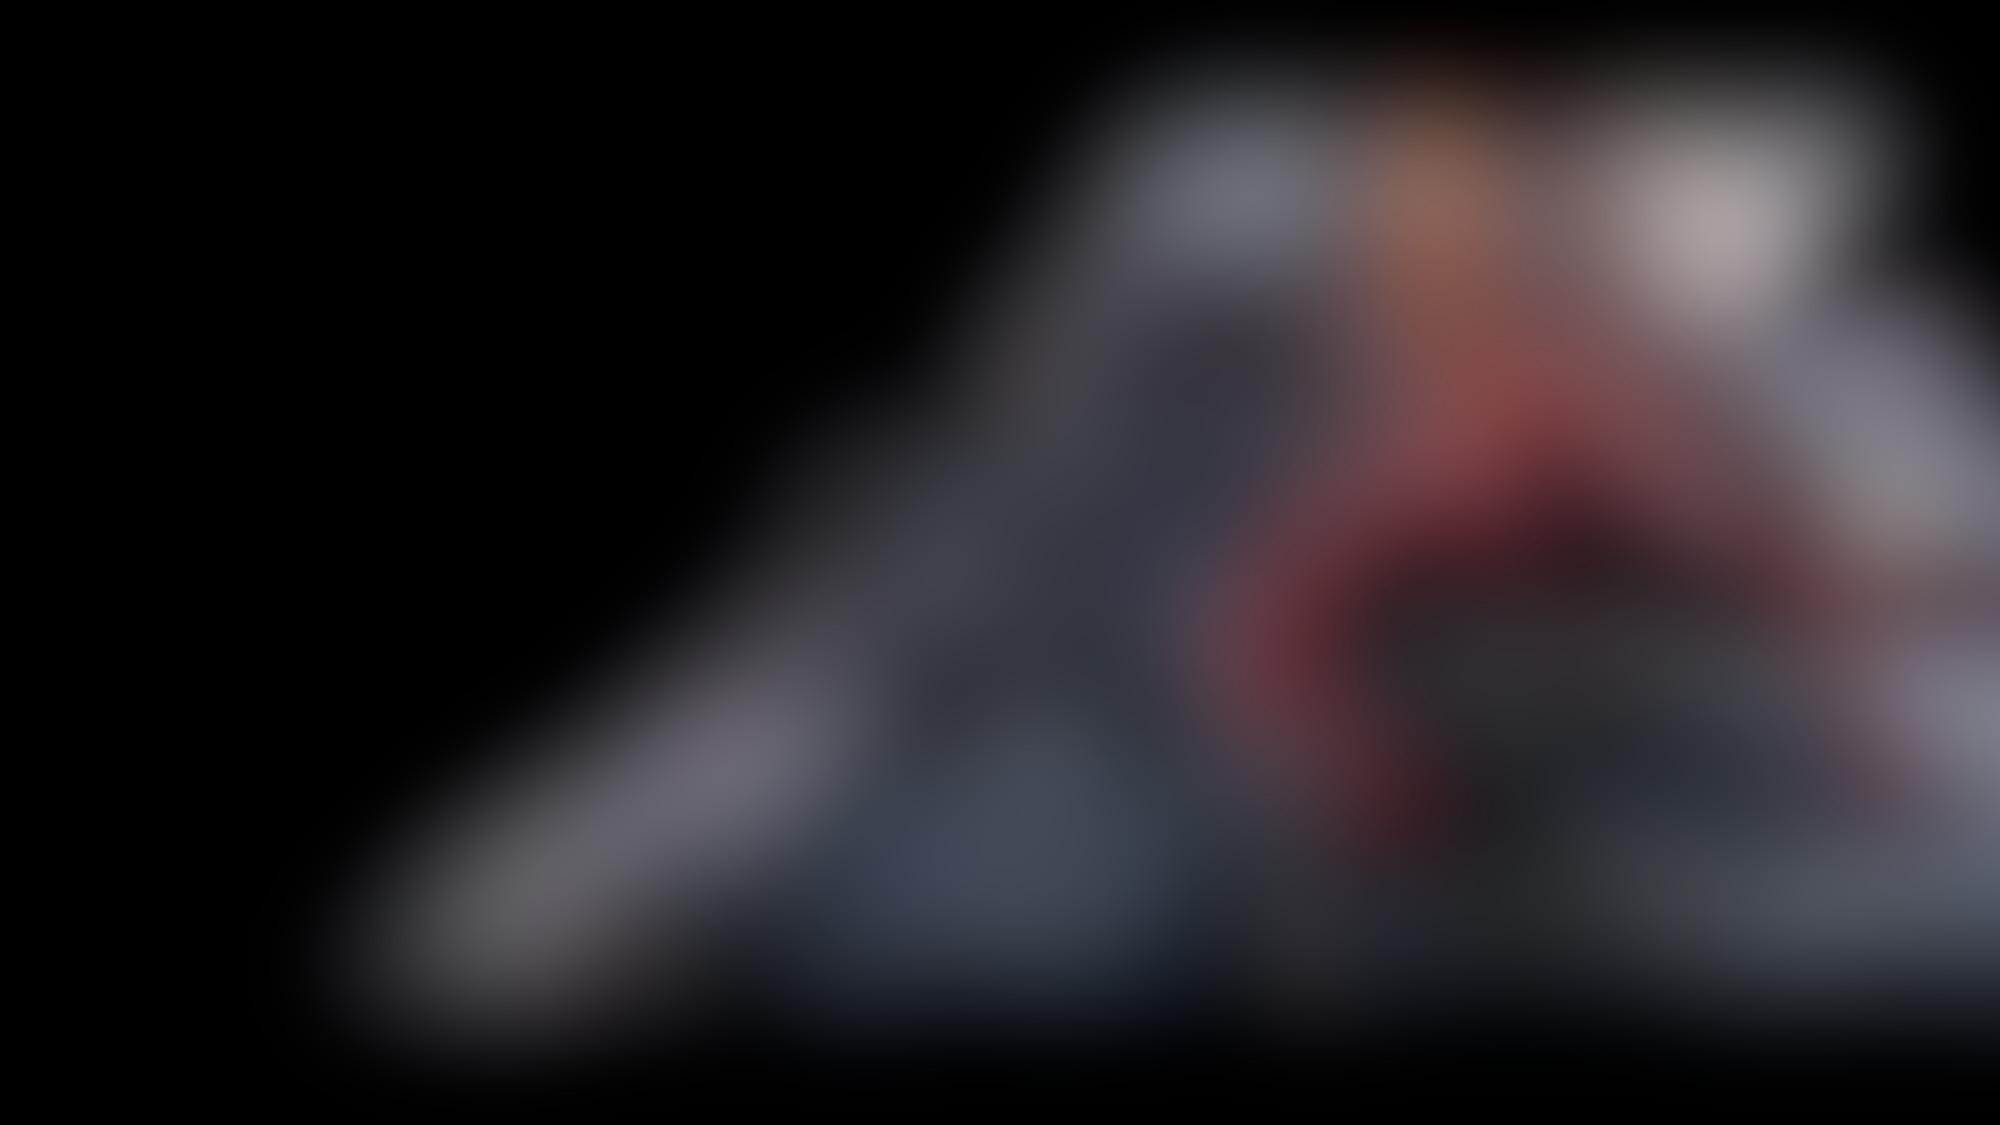 Avengers Infinity War2018 Framestore 01 before autocompressfitresizeixlibphp 1 1 0max h2000max w3 D2000q80s2dd921b2f648b2b5778315d8645596a1